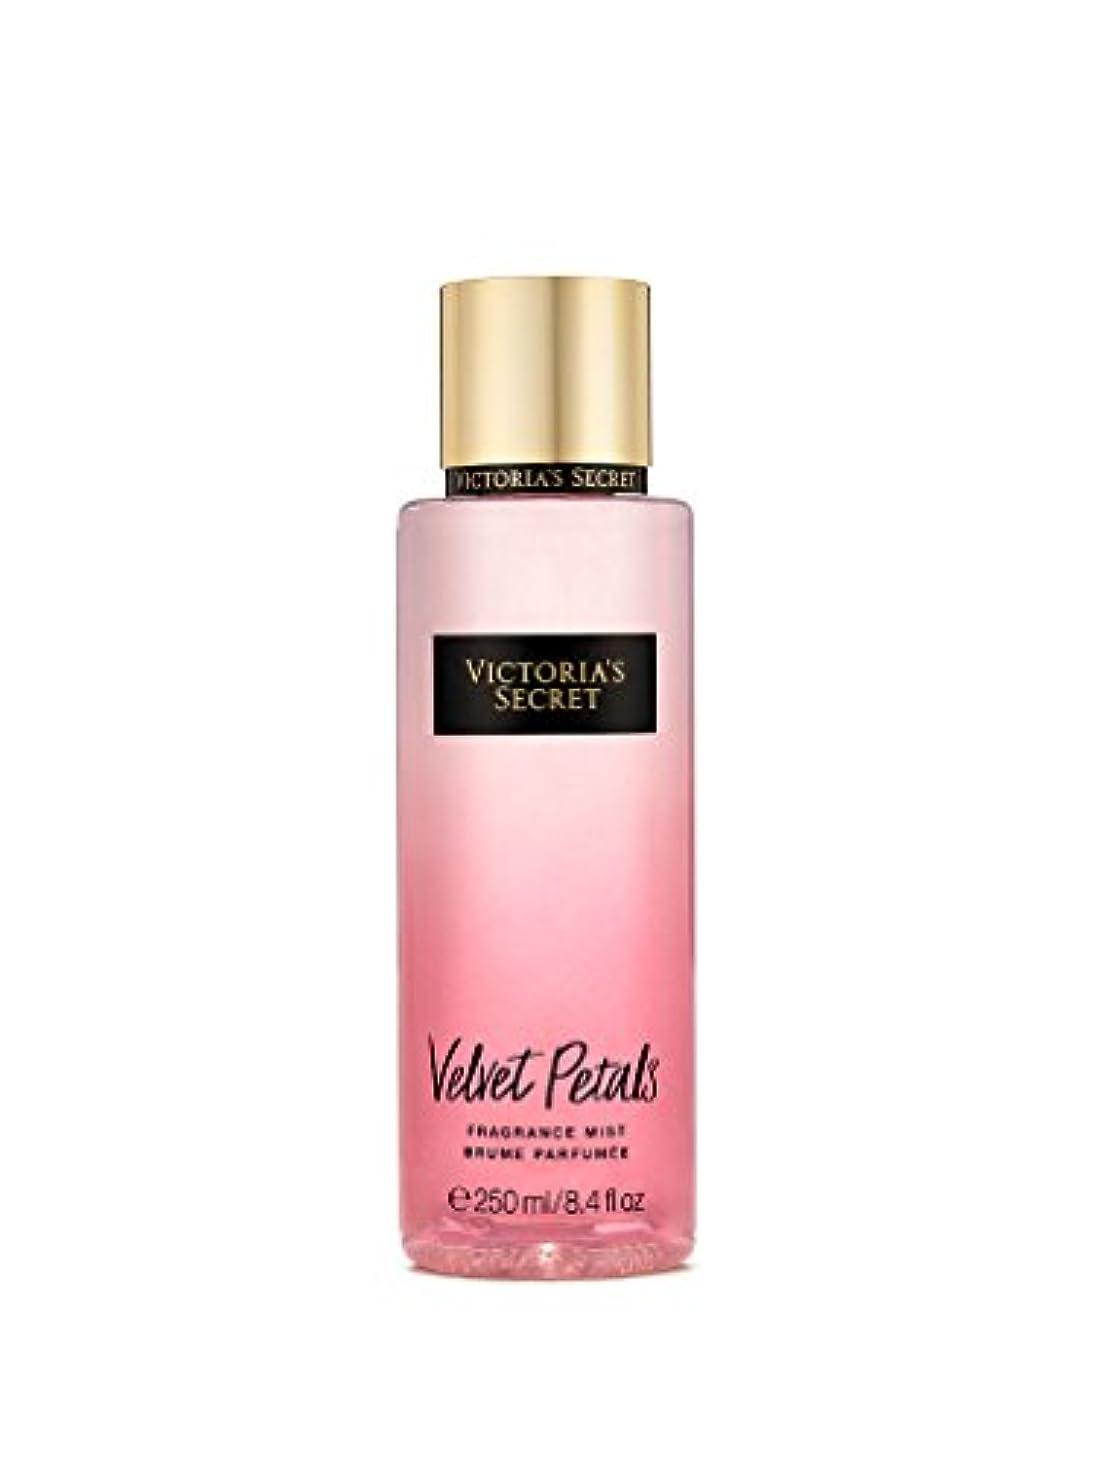 確かに続編項目【並行輸入品】Victoria's Secret Velvet Petals Fragrance Mist ヴィクトリアズシークレットベルベットぺタルズミスト250 ml